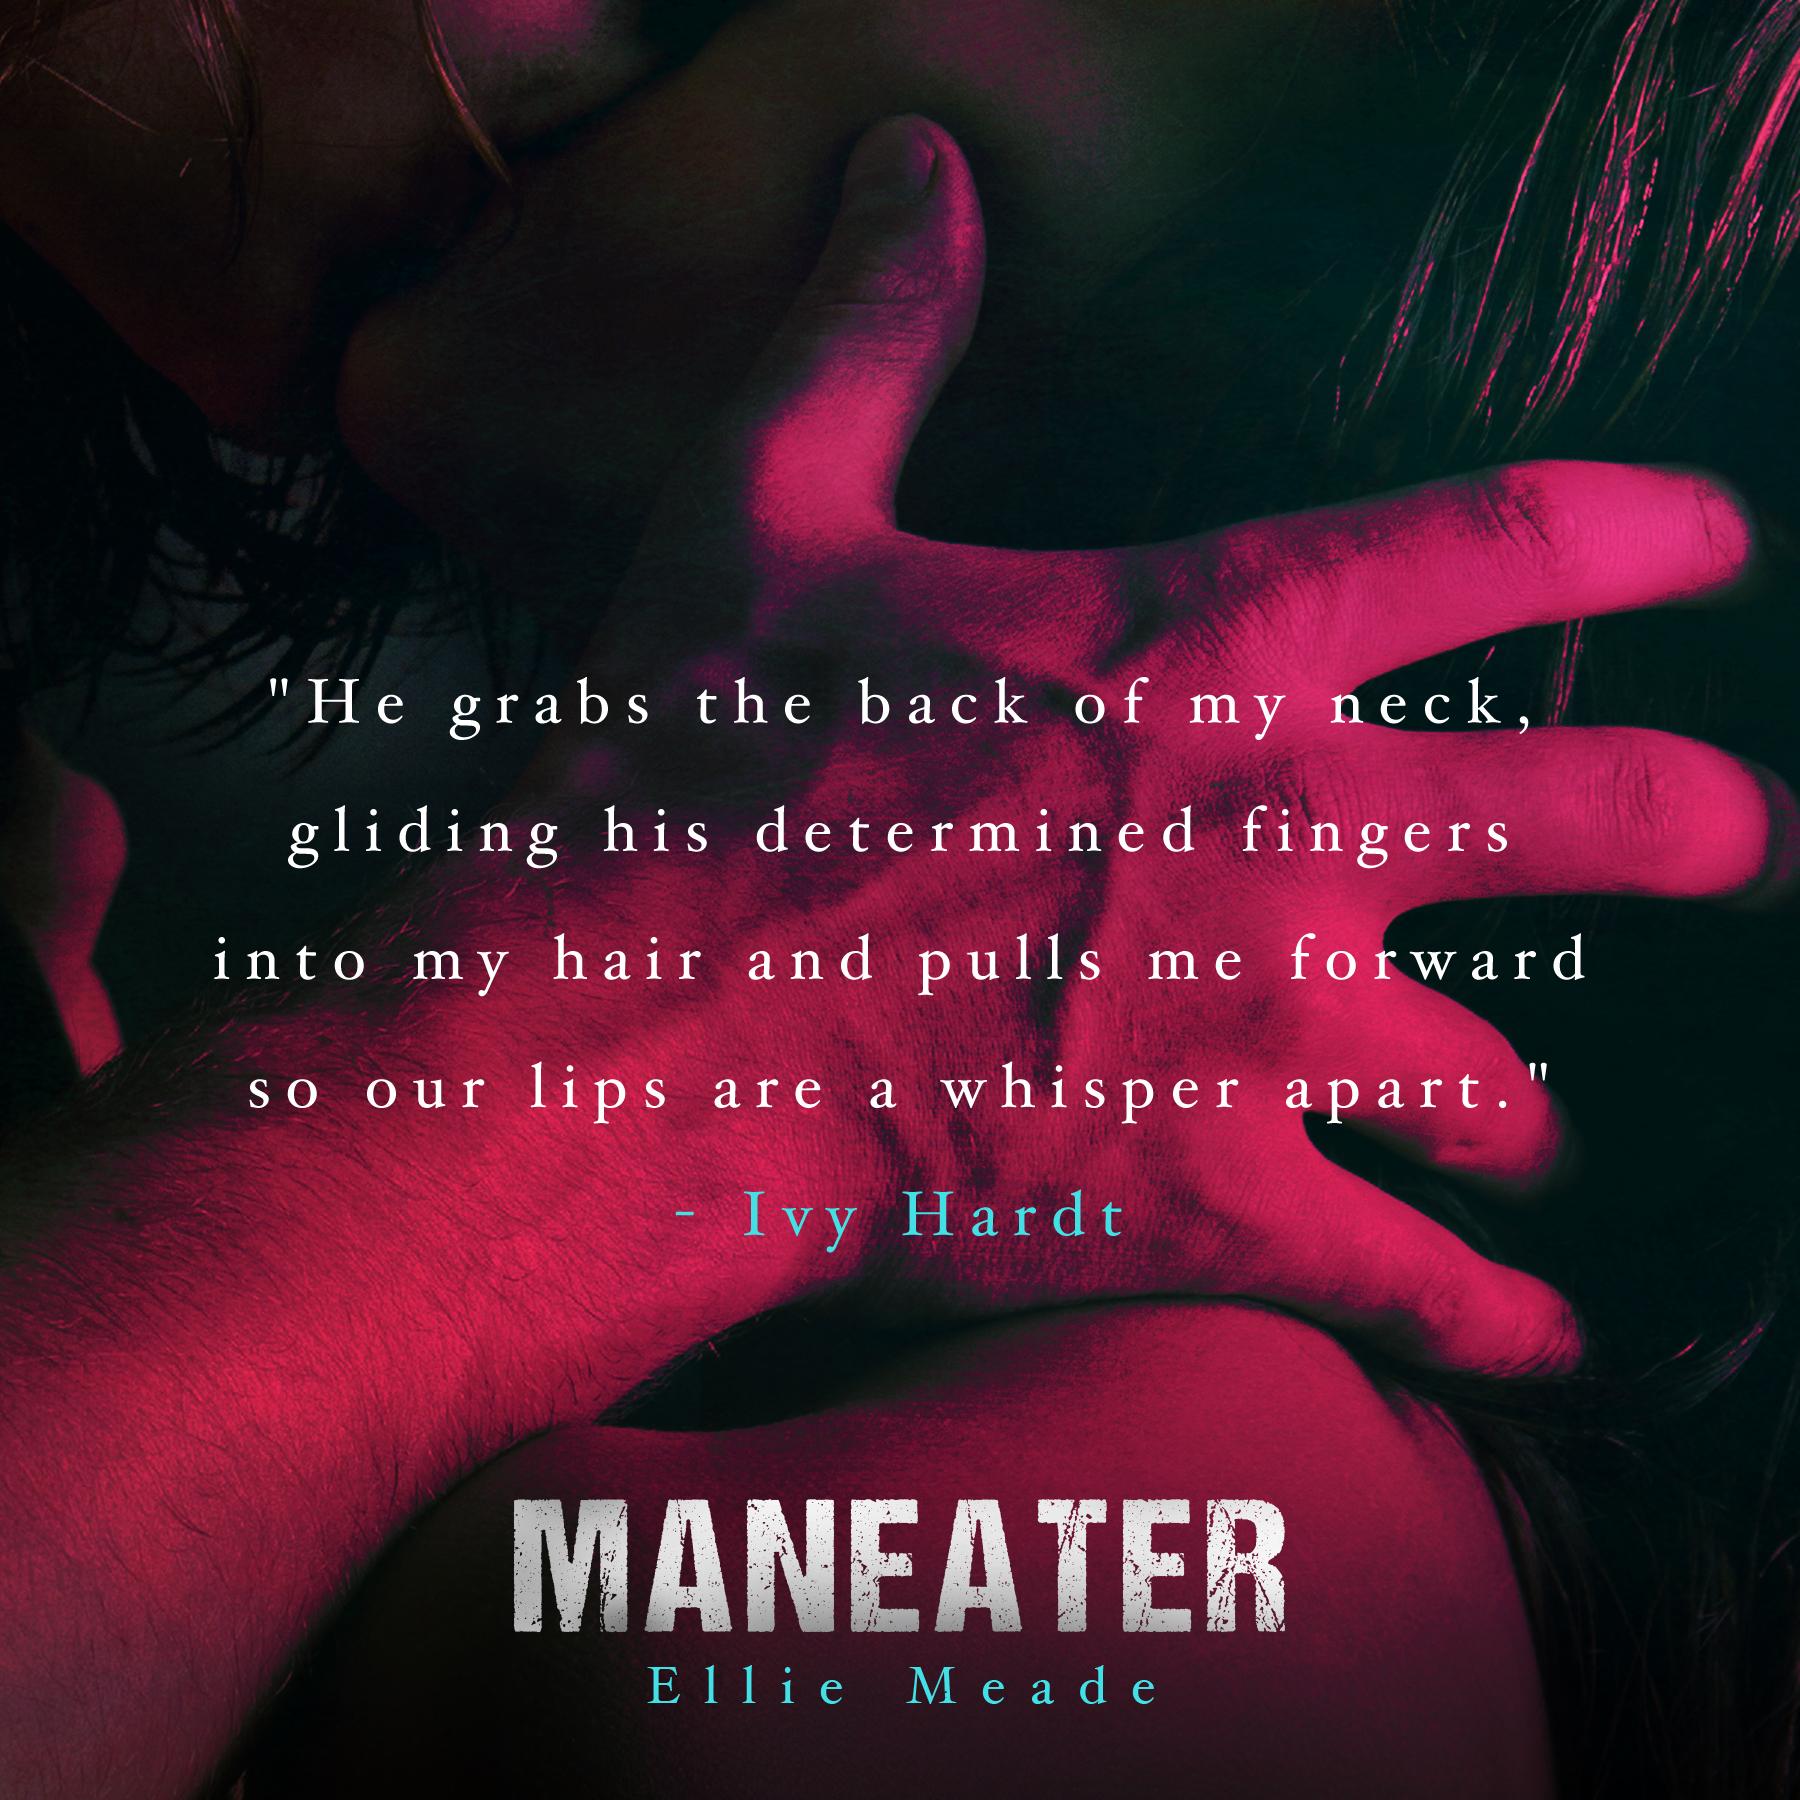 ManeaterTeaser3